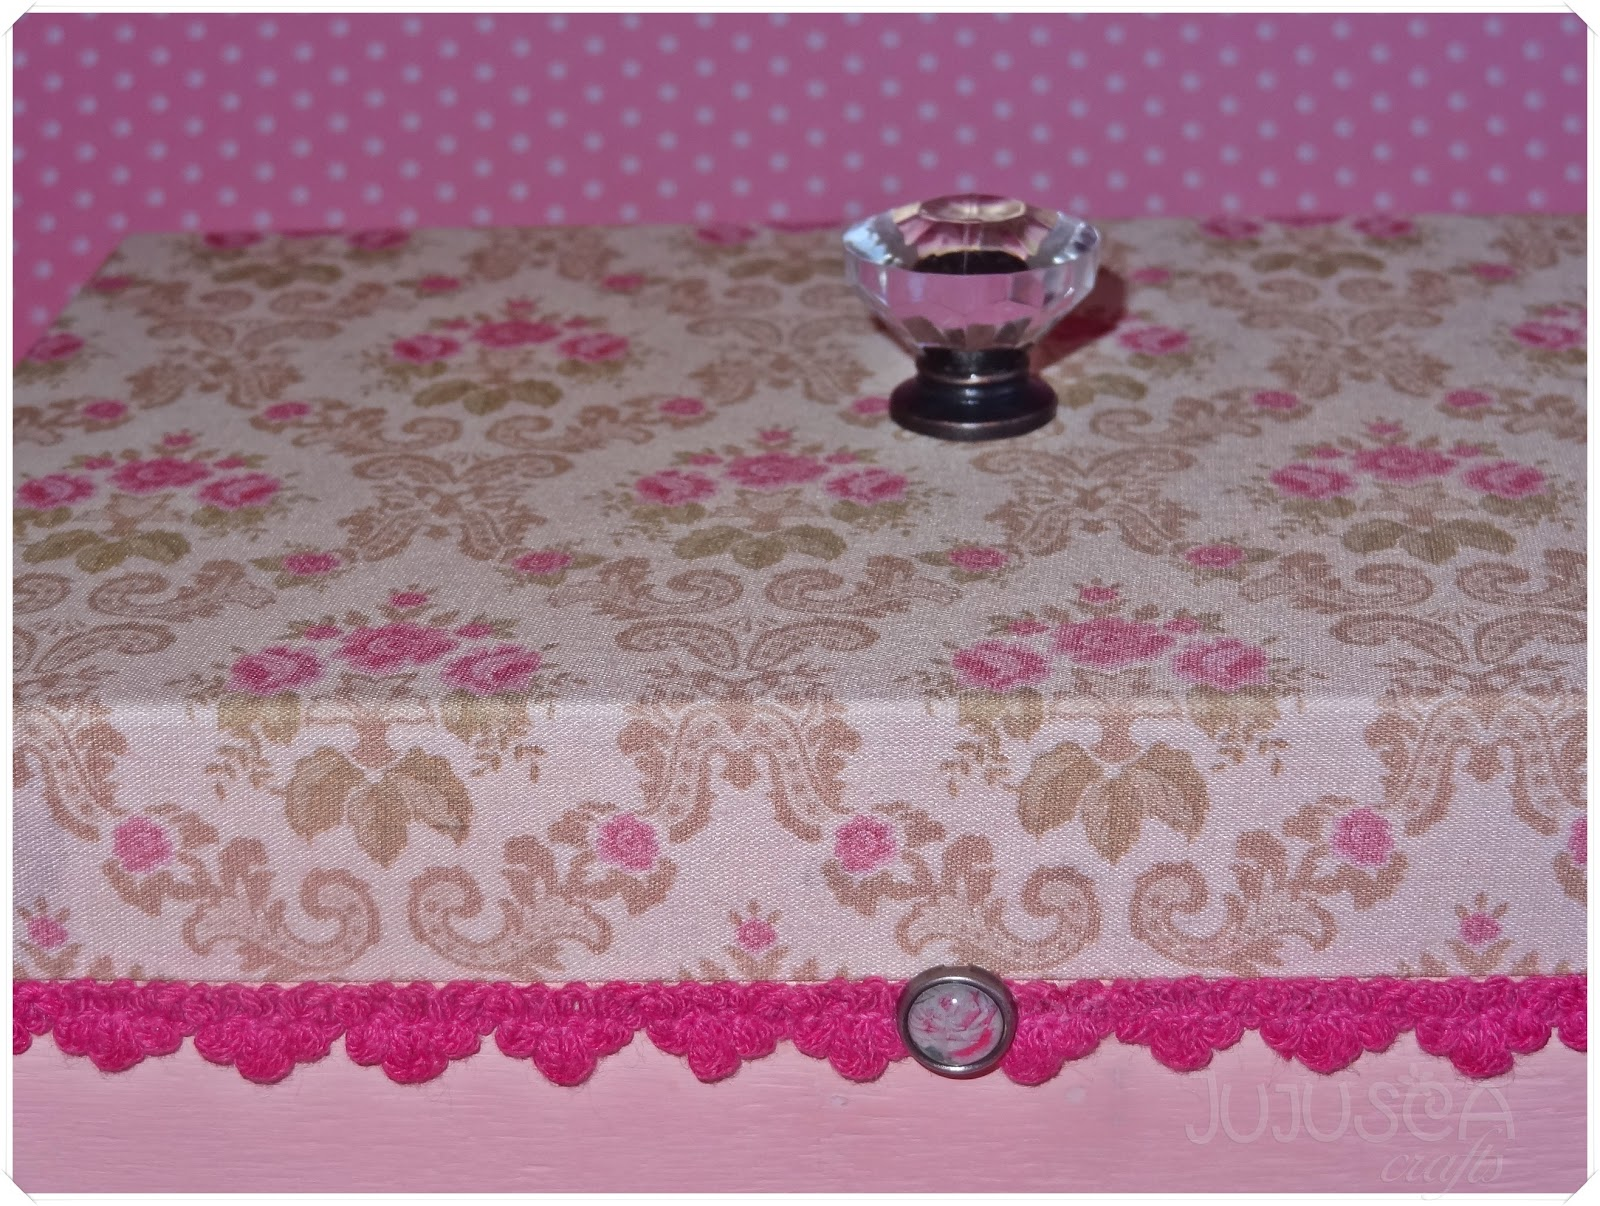 Jujusca Crafts: Caixa em madeira tecido e pés de metal #A52662 1600x1206